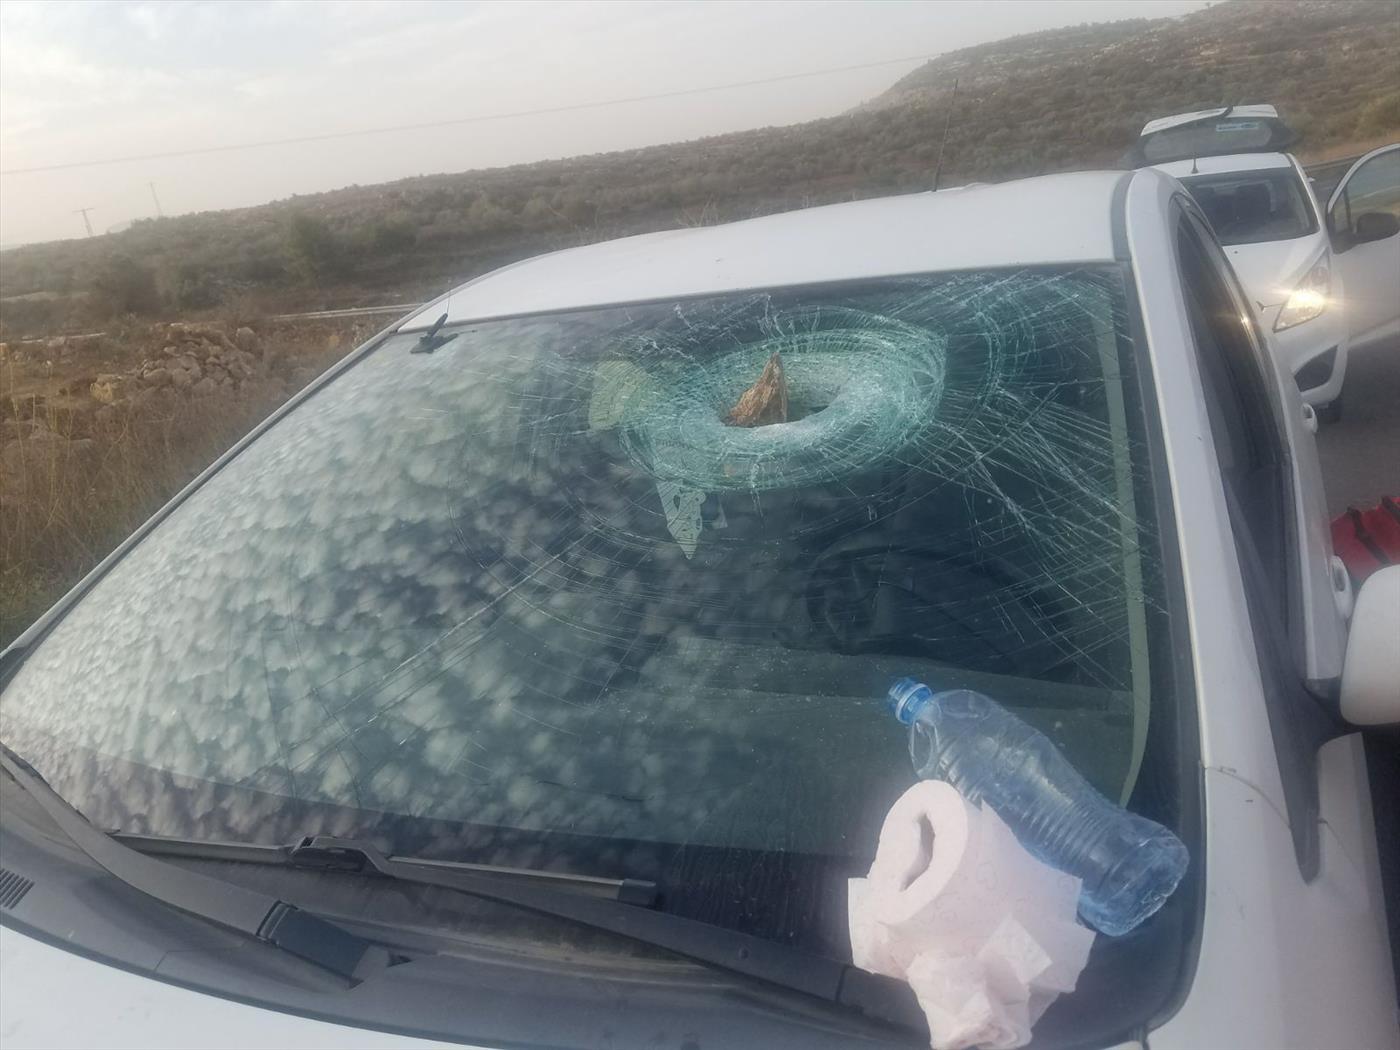 רכב שנפגע השבוע מאבנים בבנימין. צילום: TPS